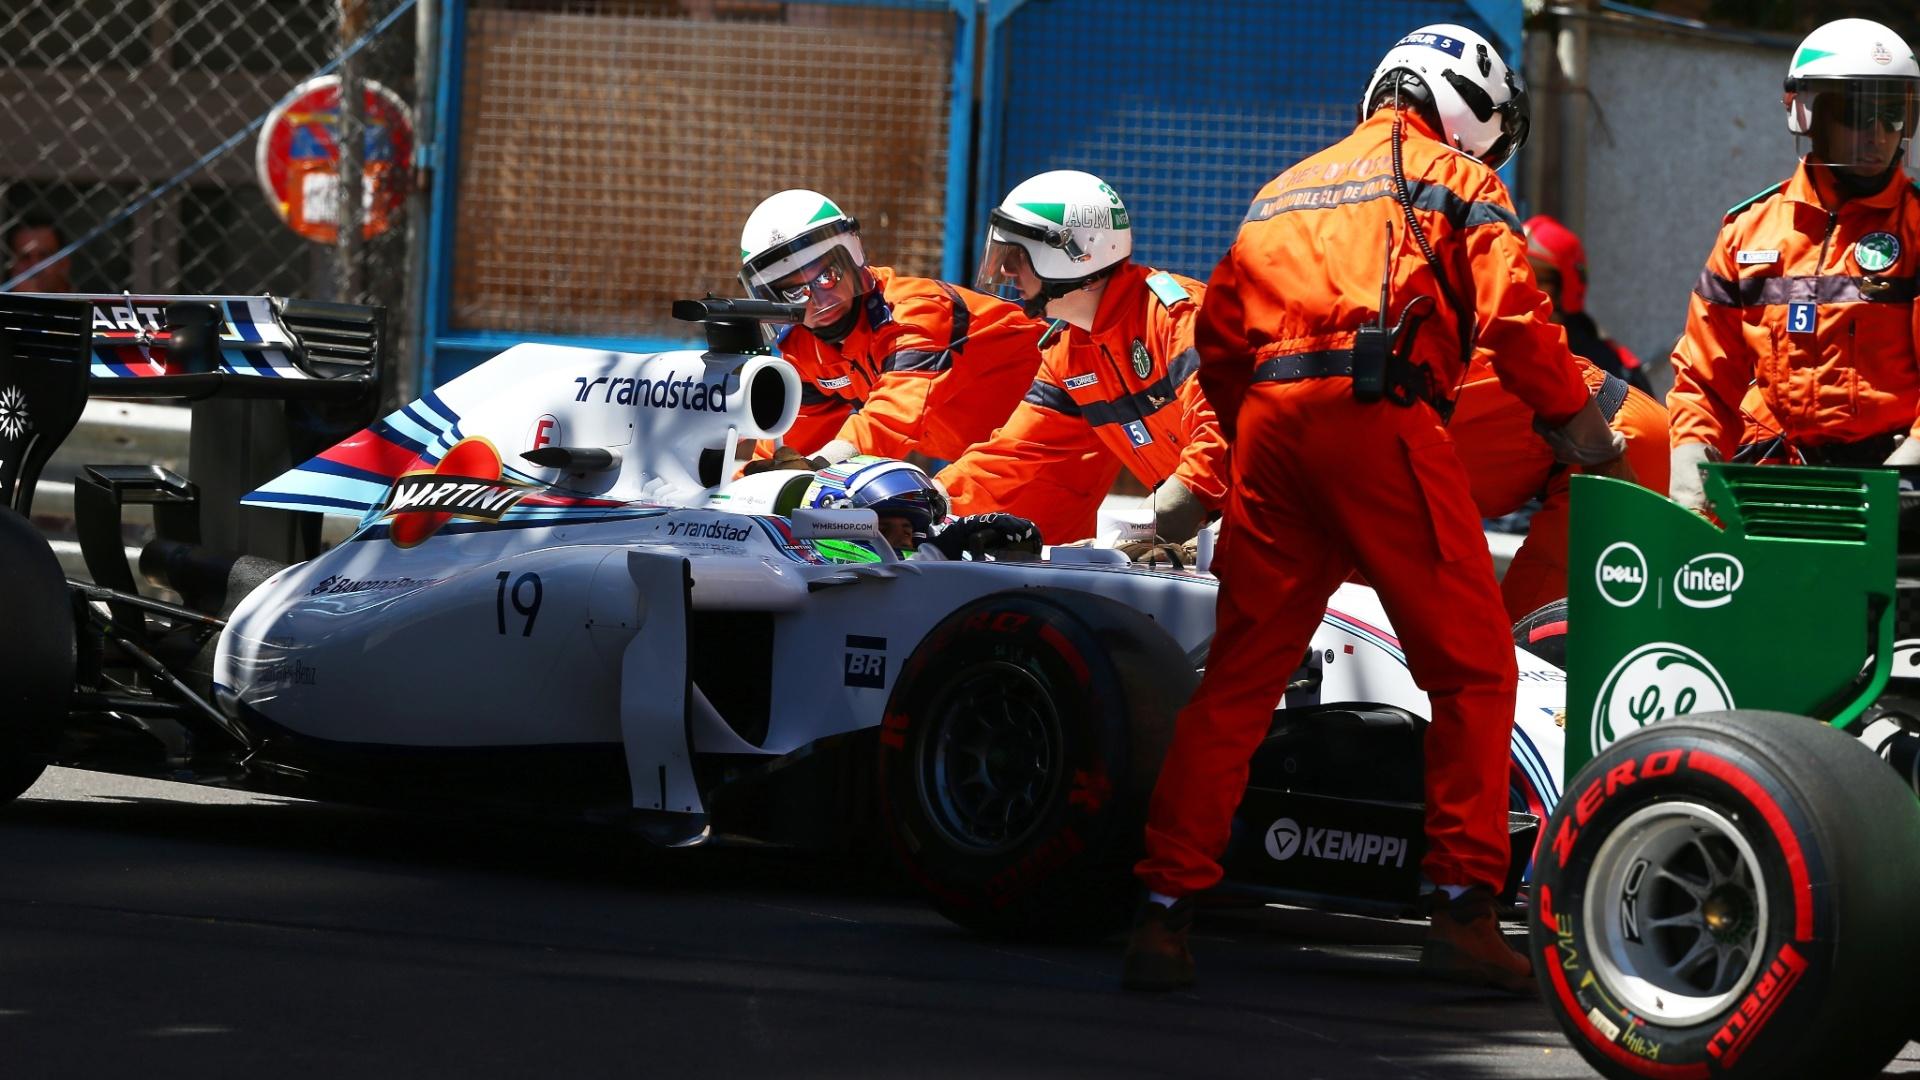 Felipe Massa precisou abandonar o treino oficial após se envolver em acidente com Ericsson